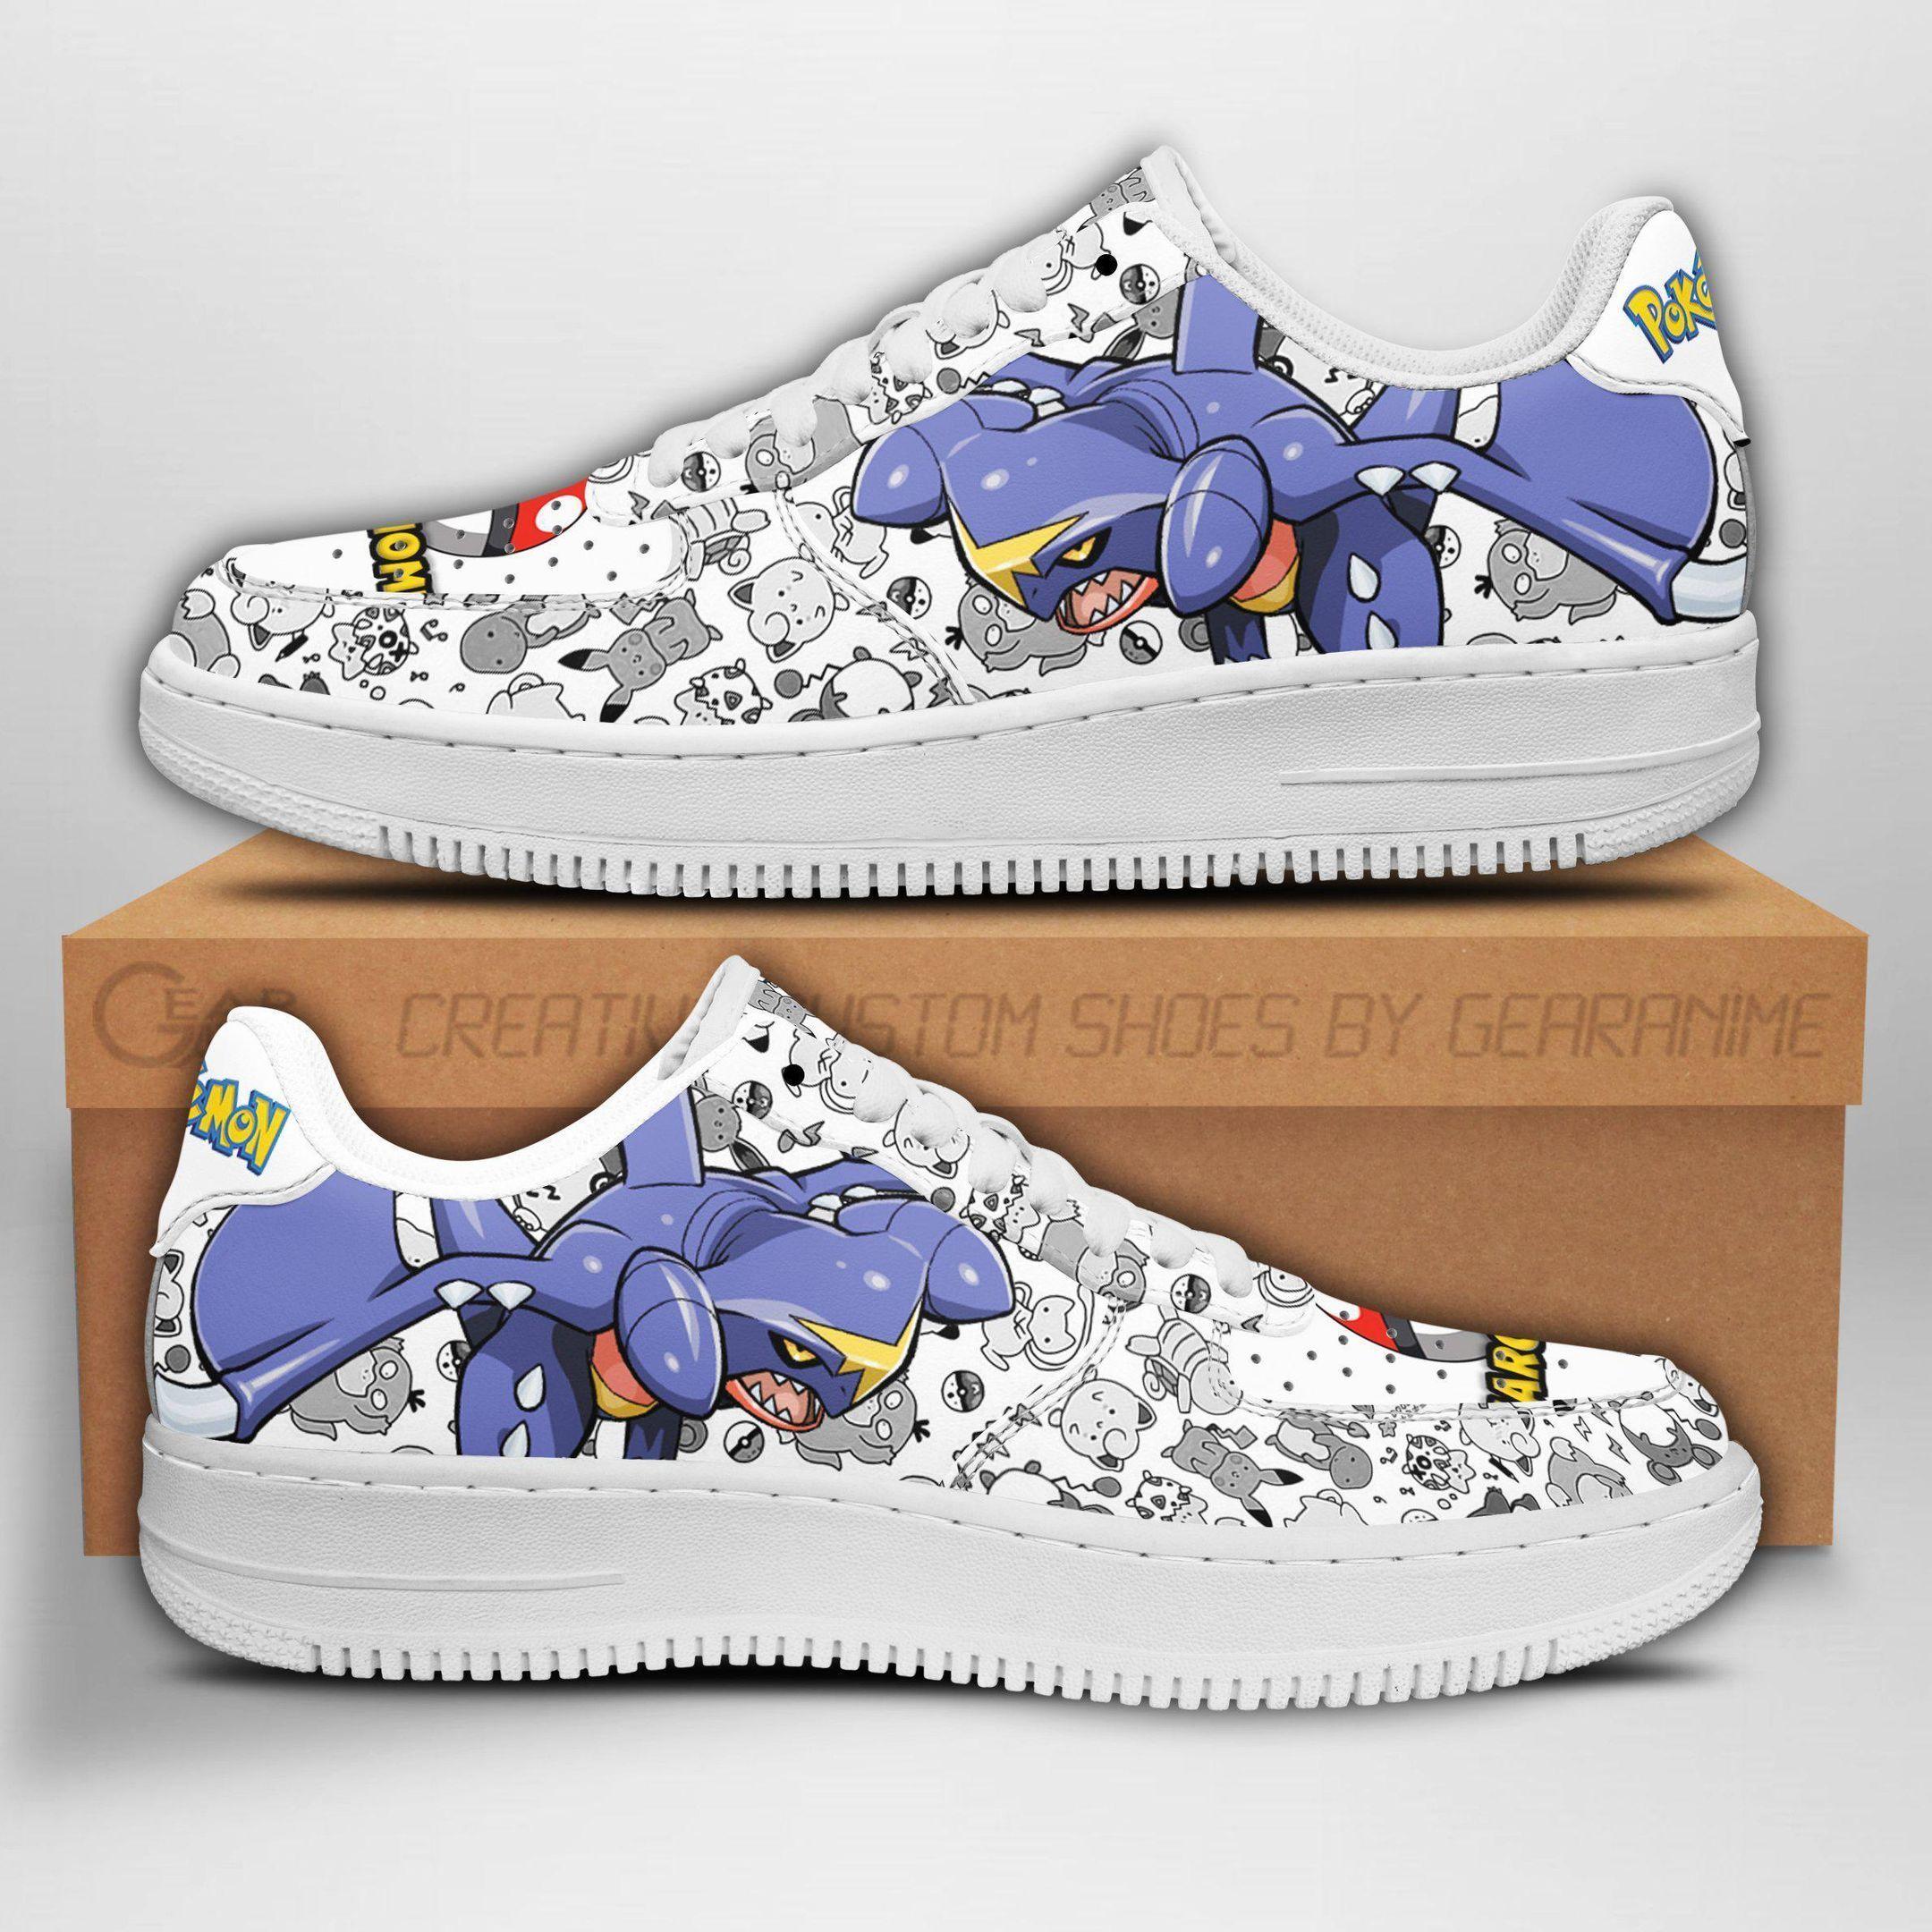 Garchomp Air Shoes Pokemon Shoes Fan Gift Idea GO1012